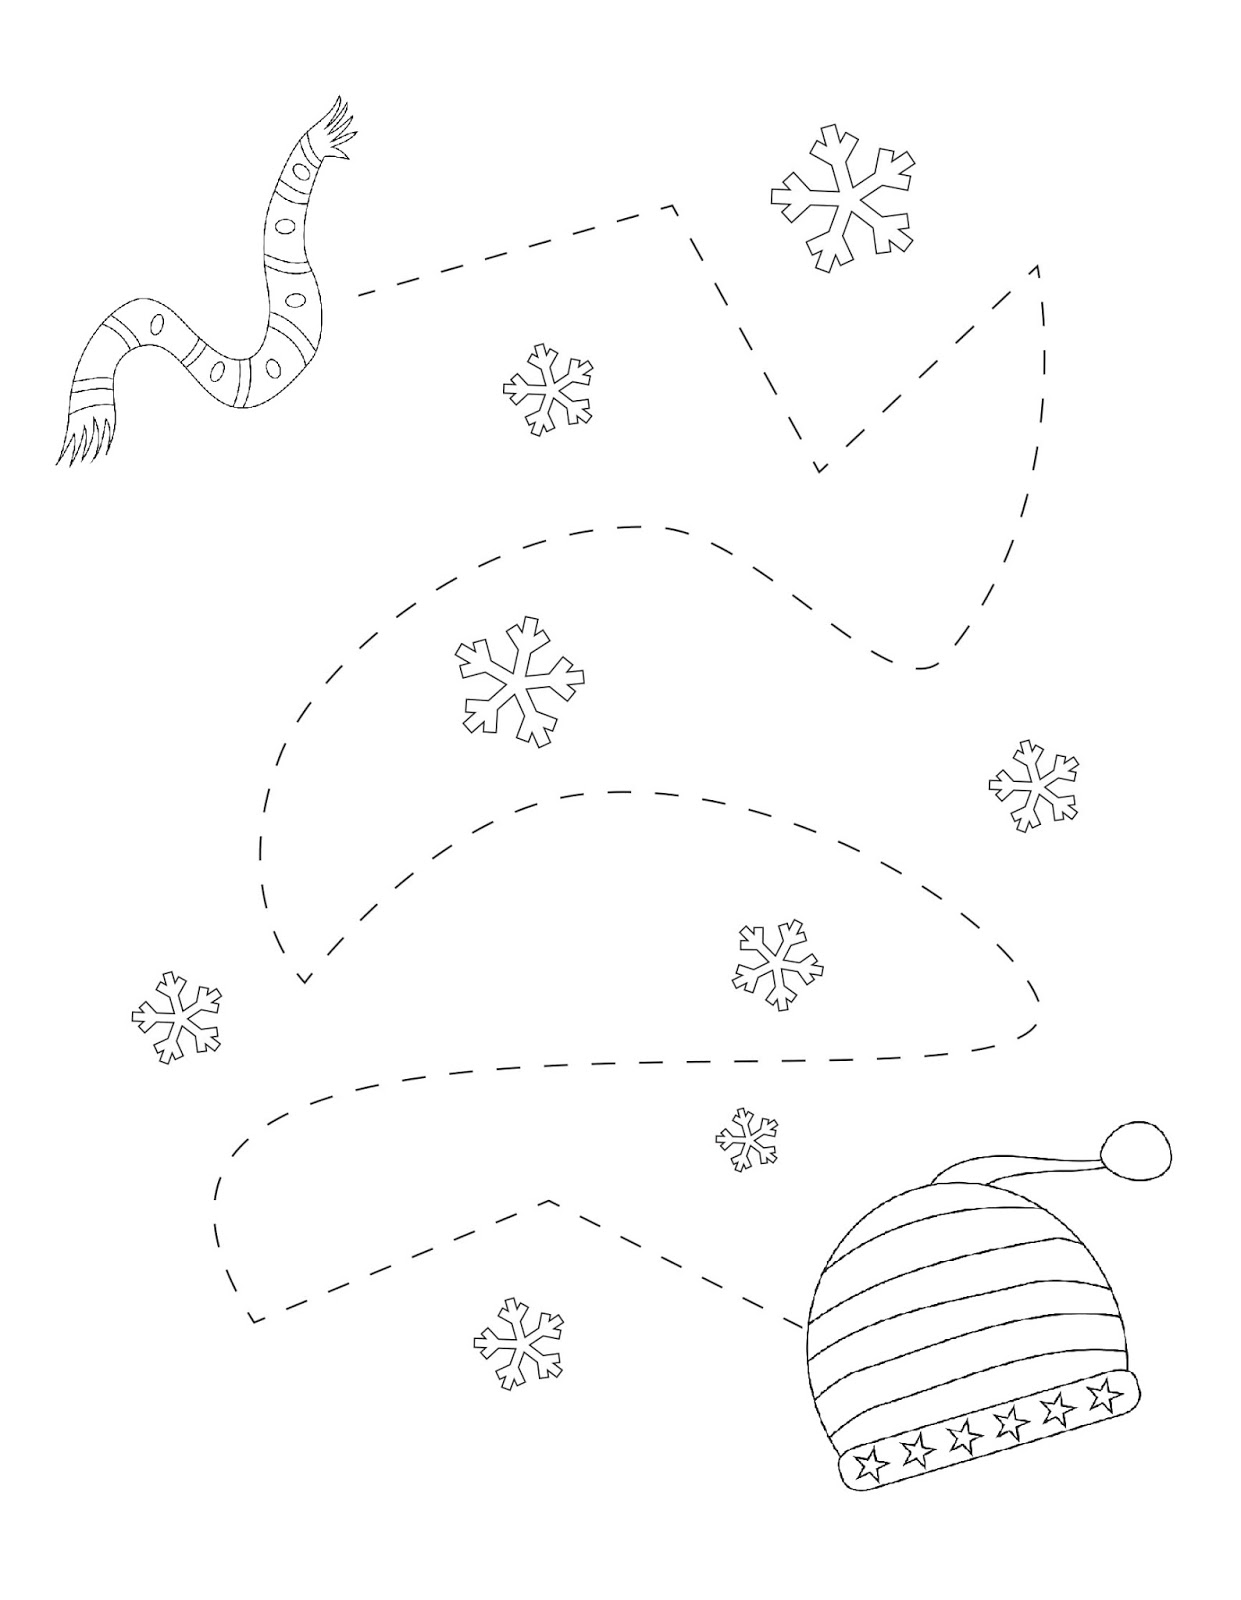 La maestra linda inverno grafismi e pregrafismi for Schede didattiche scuola infanzia 3 anni